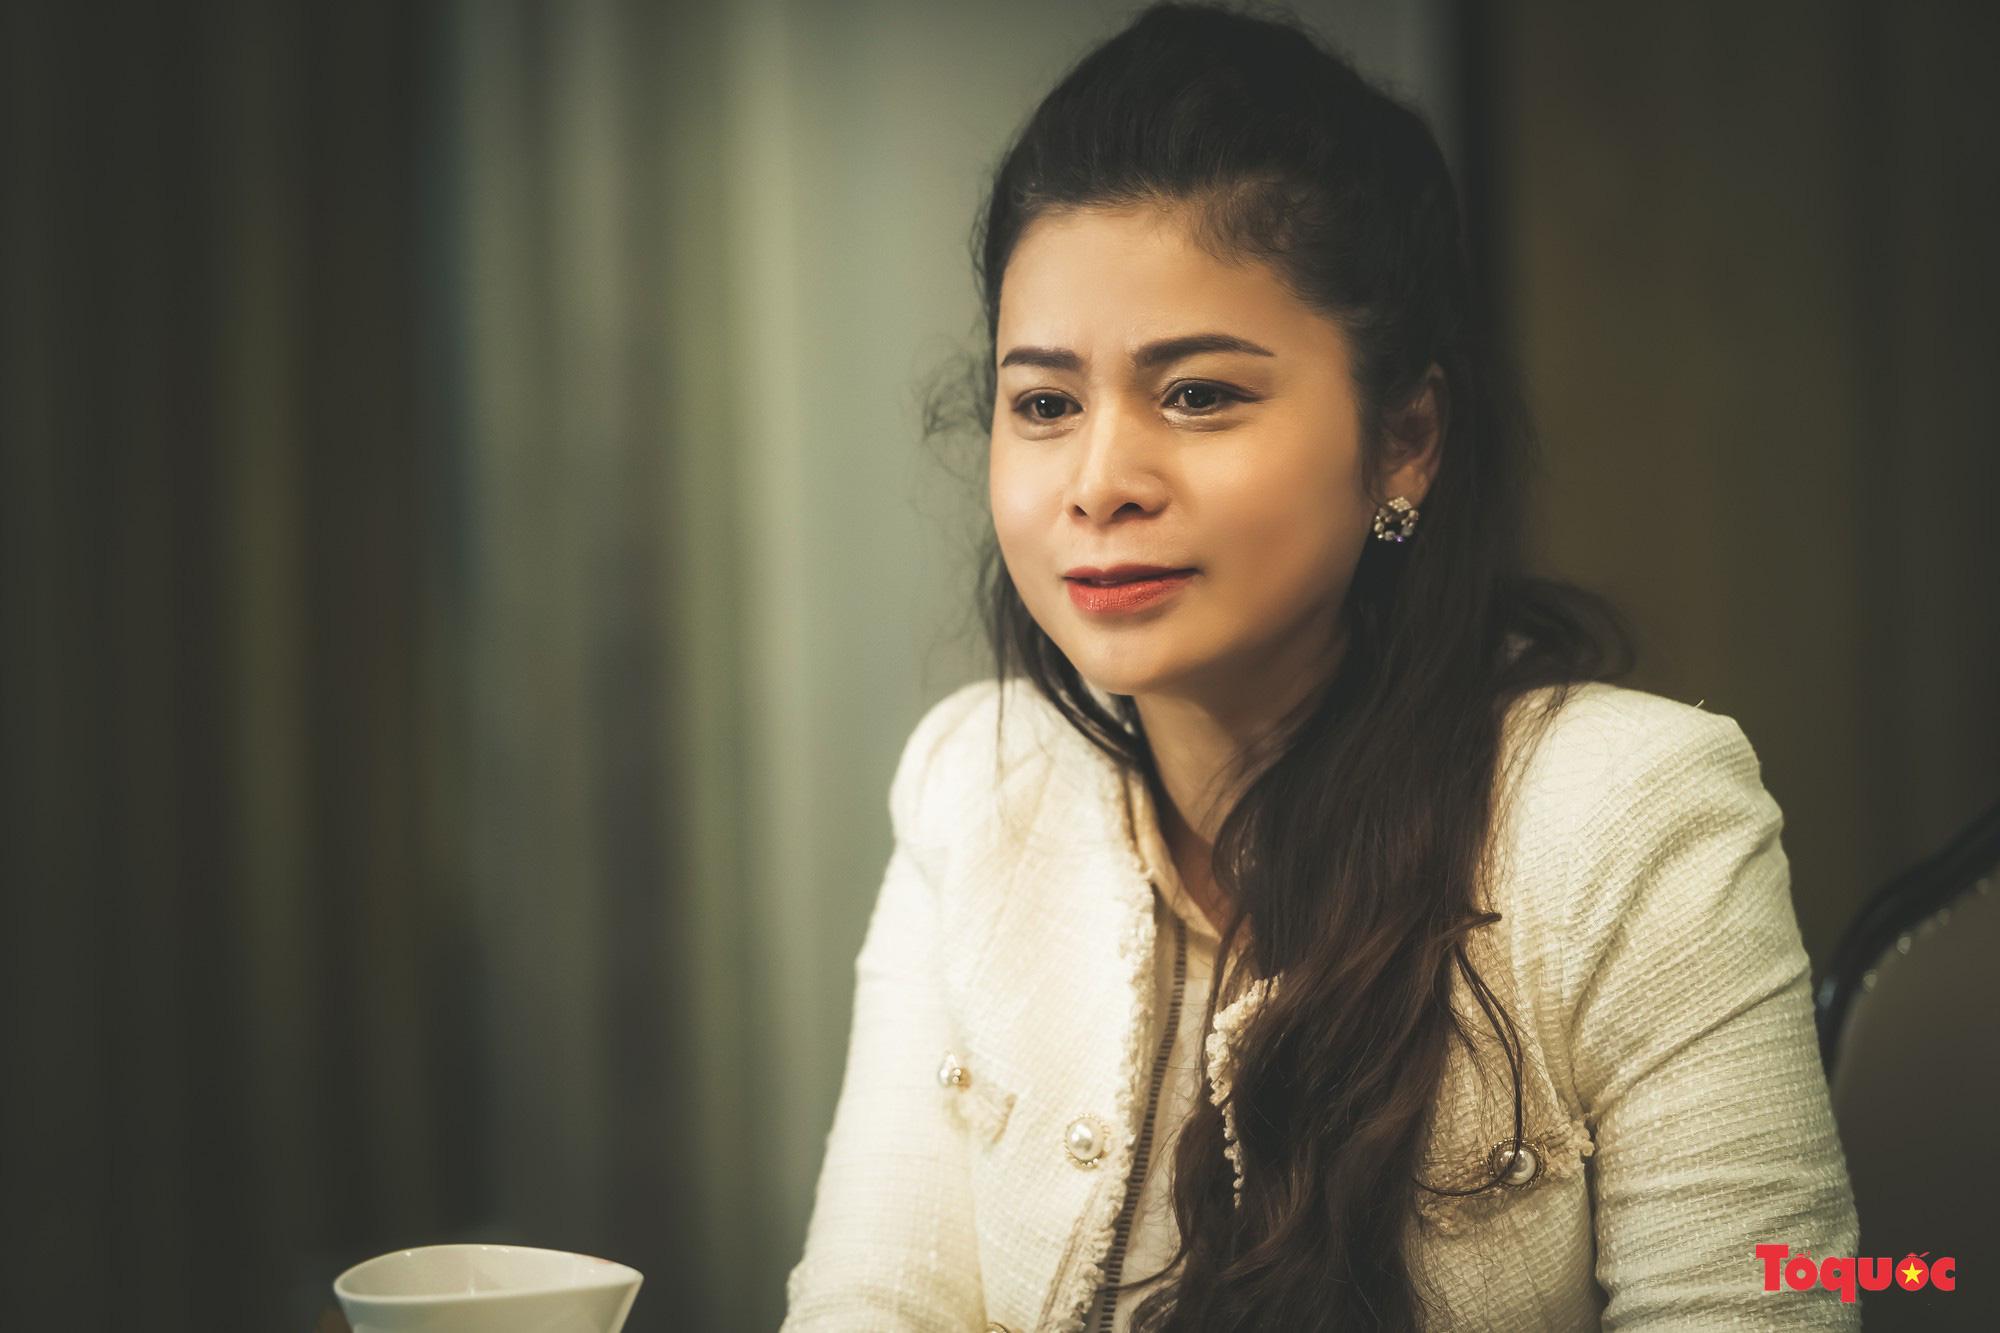 Bà Lê Hoàng Diệp Thảo: Tôi không muốn ly hôn - Ảnh 4.